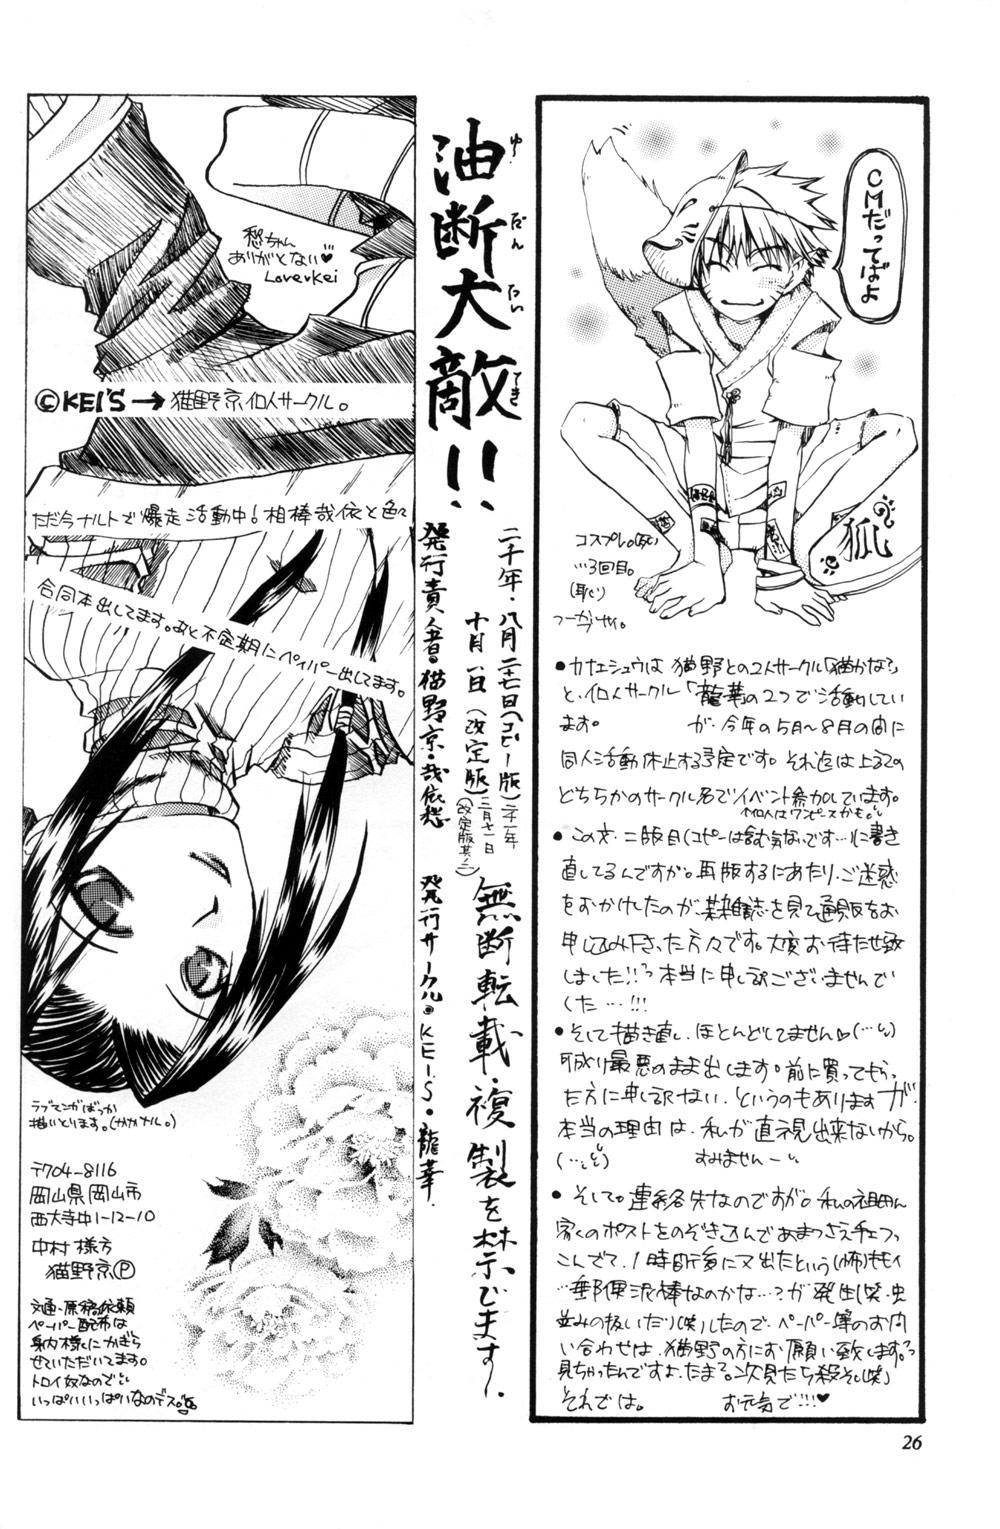 Watch Out!! (NARUTO) [Kakashi X Naruto - Sasuke X Naruto] YAOI 25